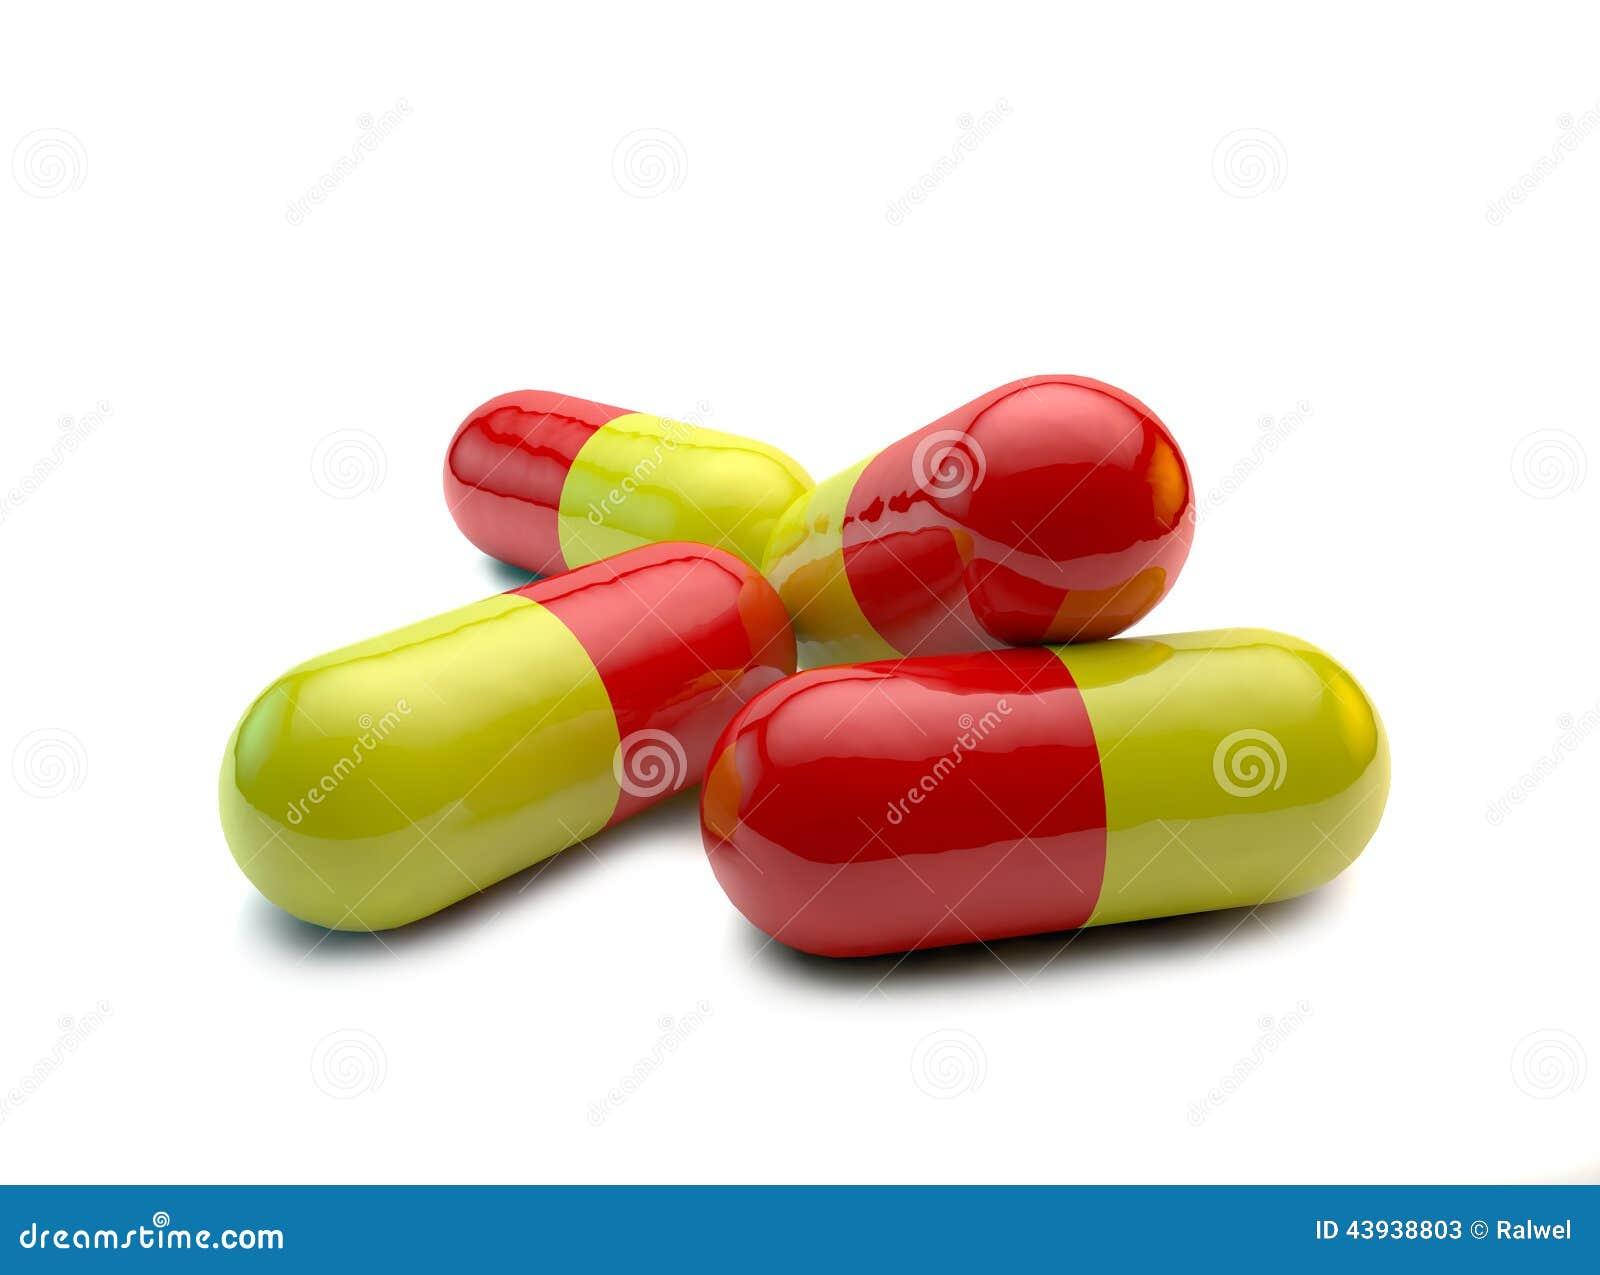 Pilules rouges et jaunes, antibiotiques